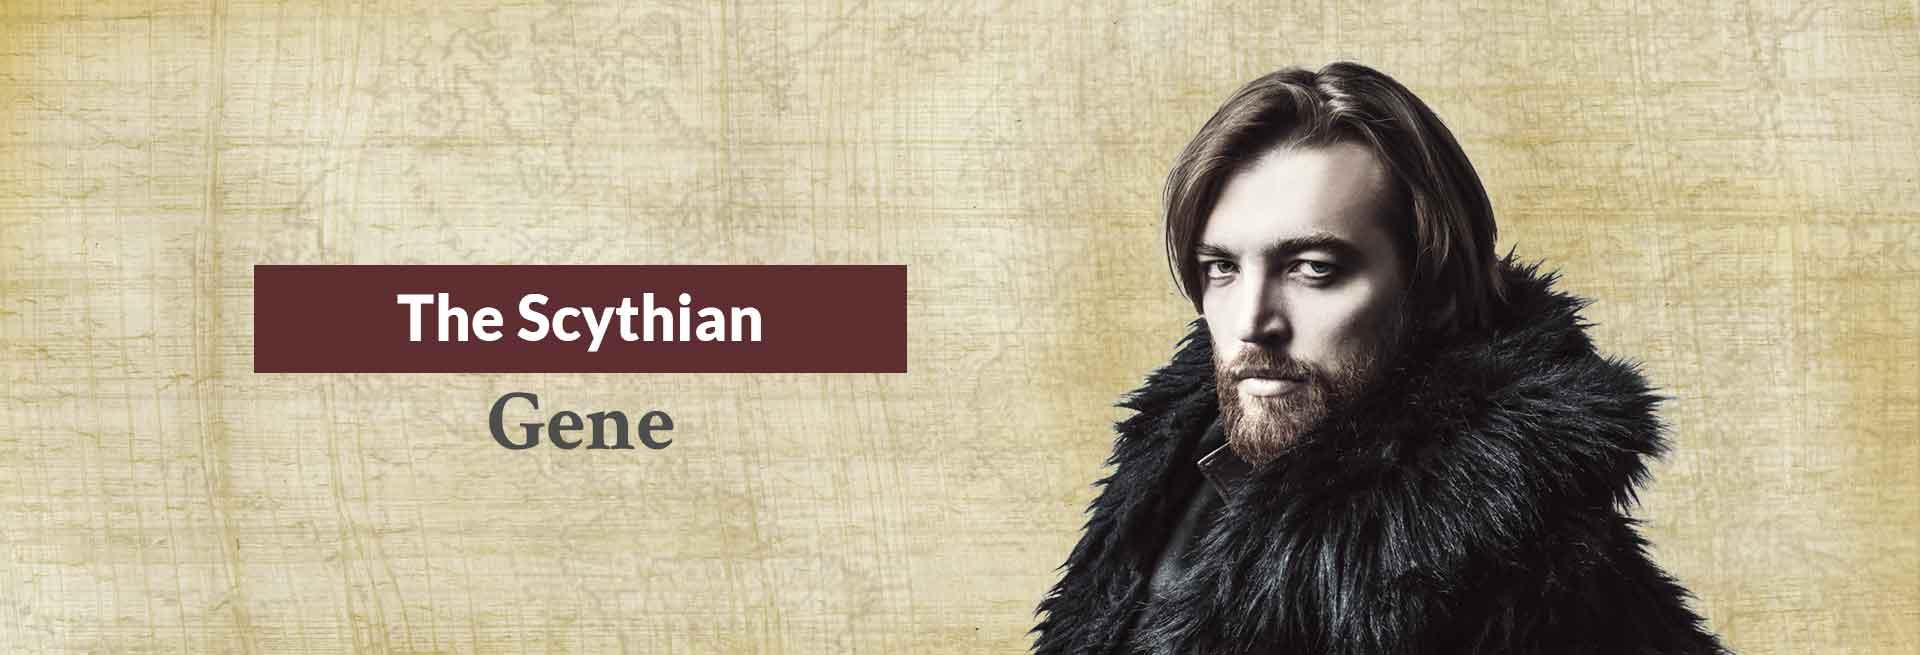 The Scythian Gene Banner